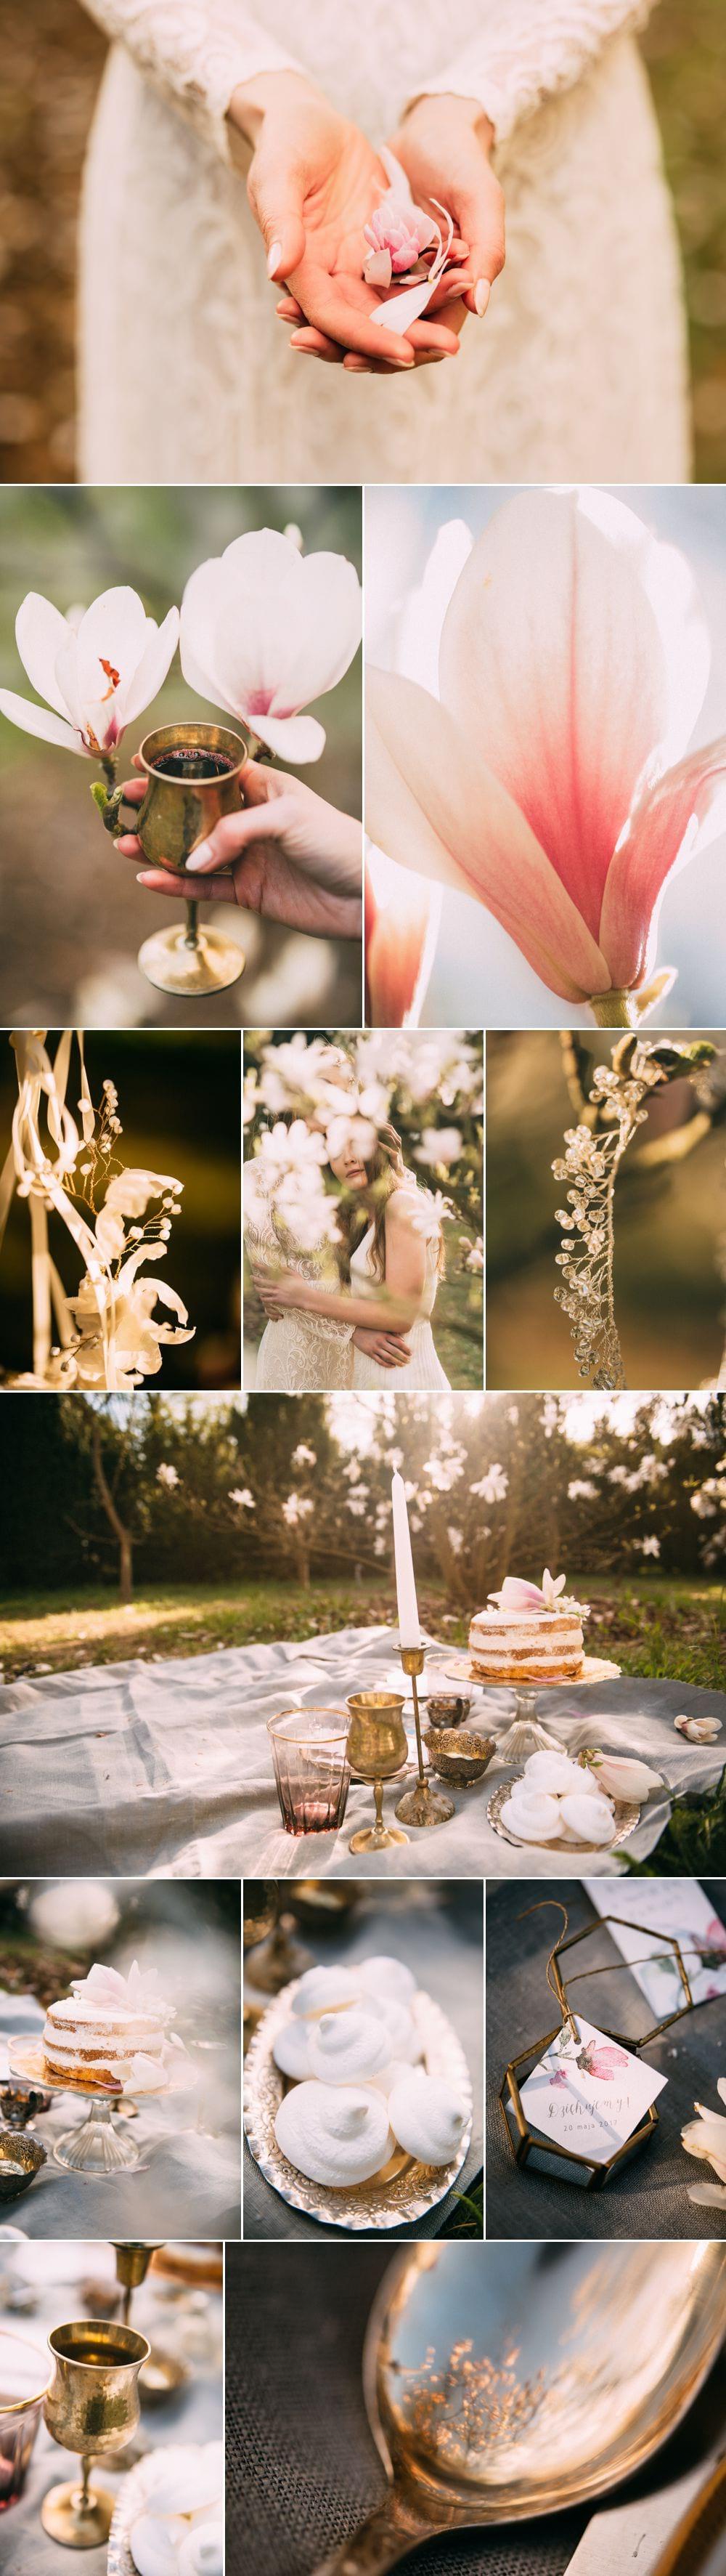 Sen o Magnolii Marifoto fotografia